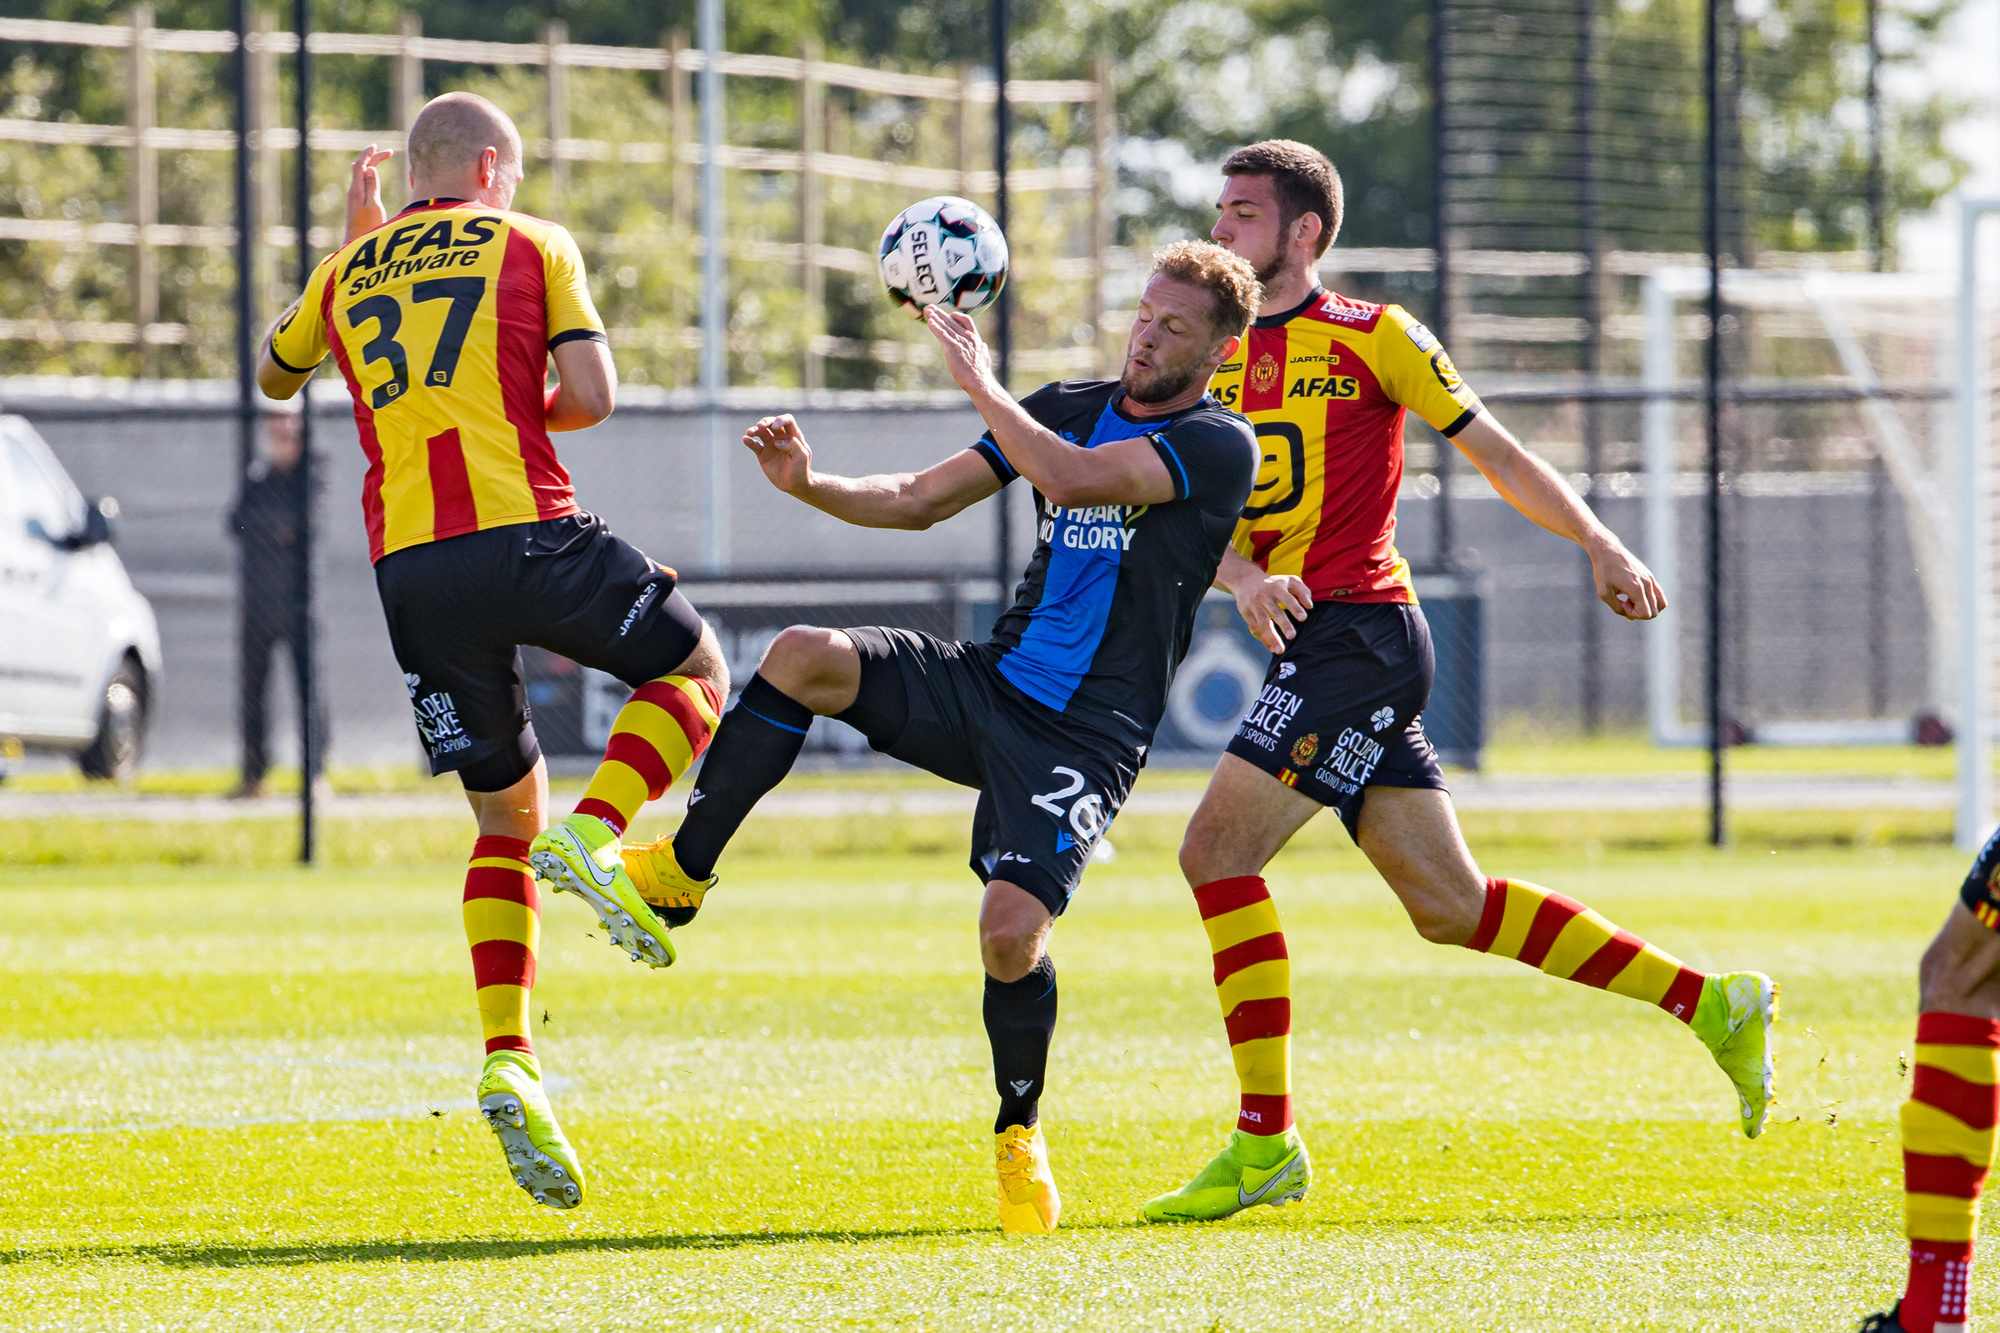 De voorbereiding van KV Mechelen liep niet al te vlot met enkele serieuze nederlagen., Belga Image